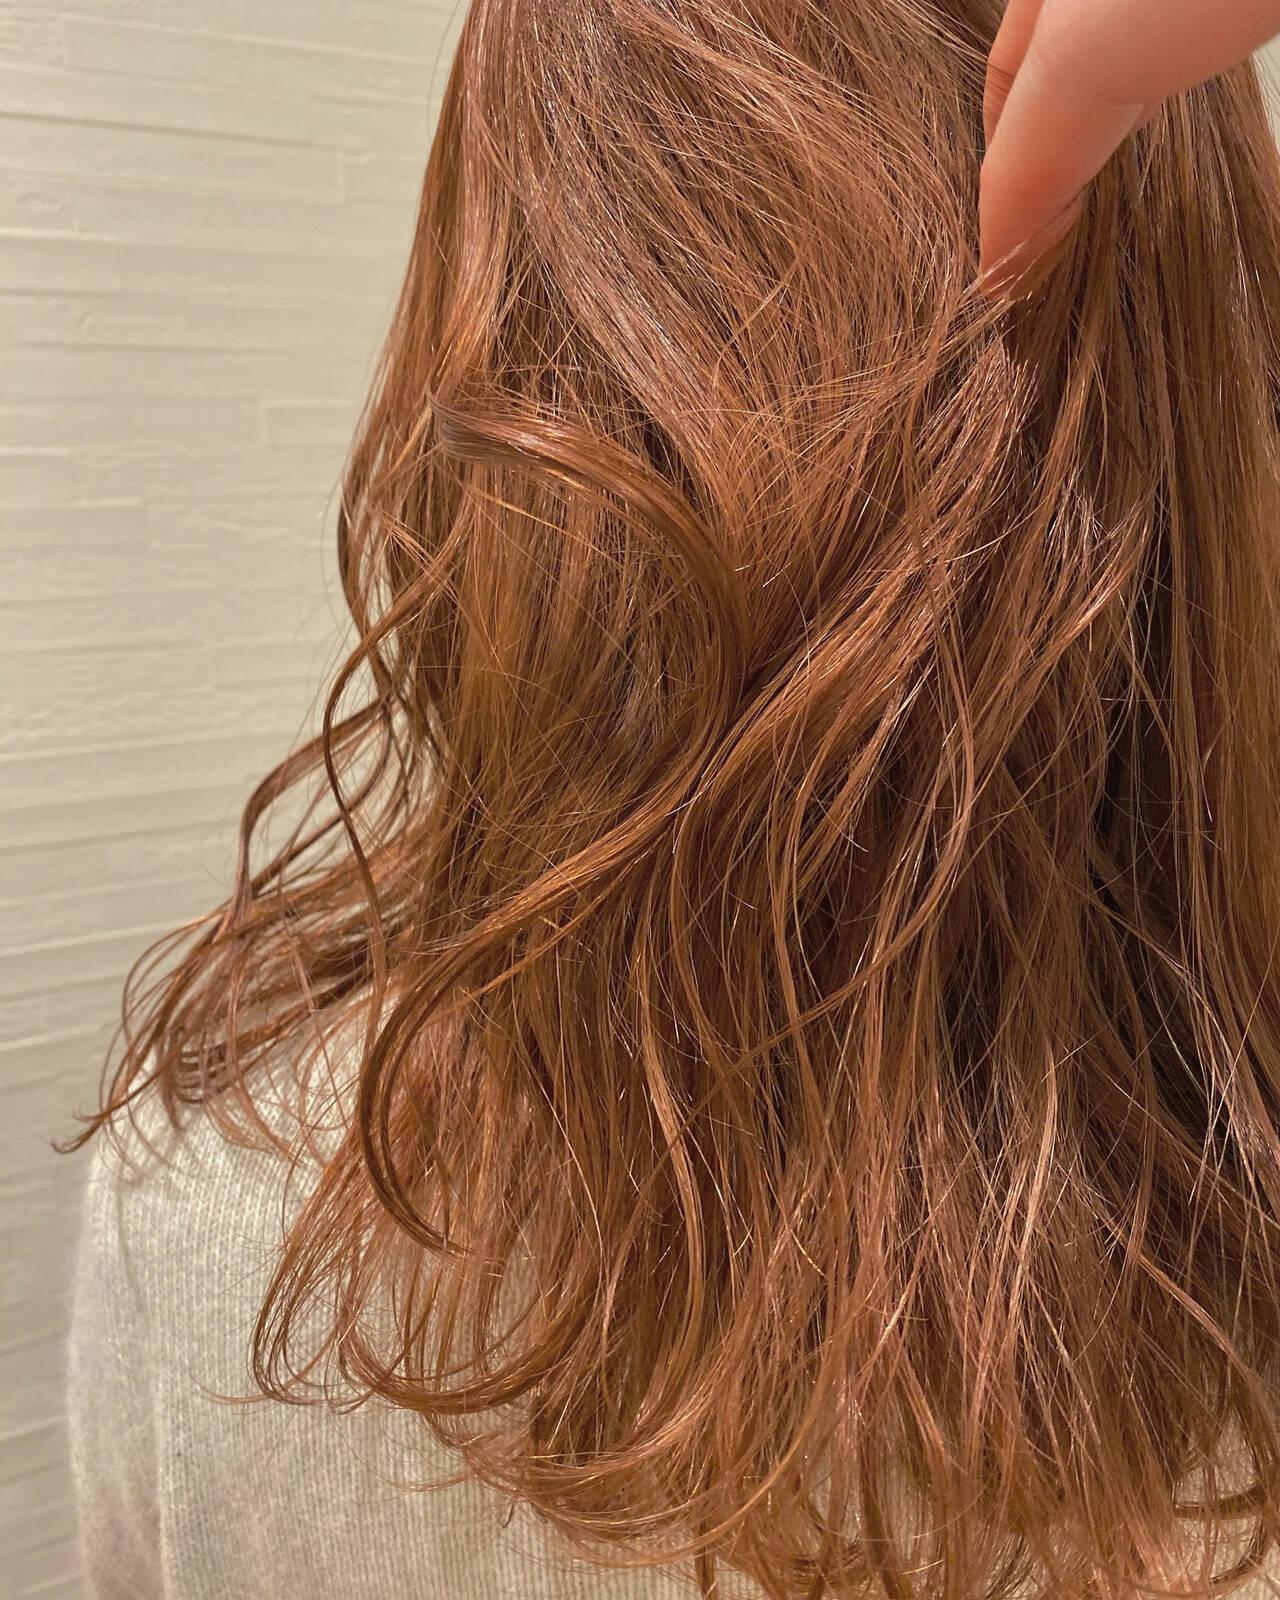 ミディアム シアー オレンジカラー オレンジベージュヘアスタイルや髪型の写真・画像